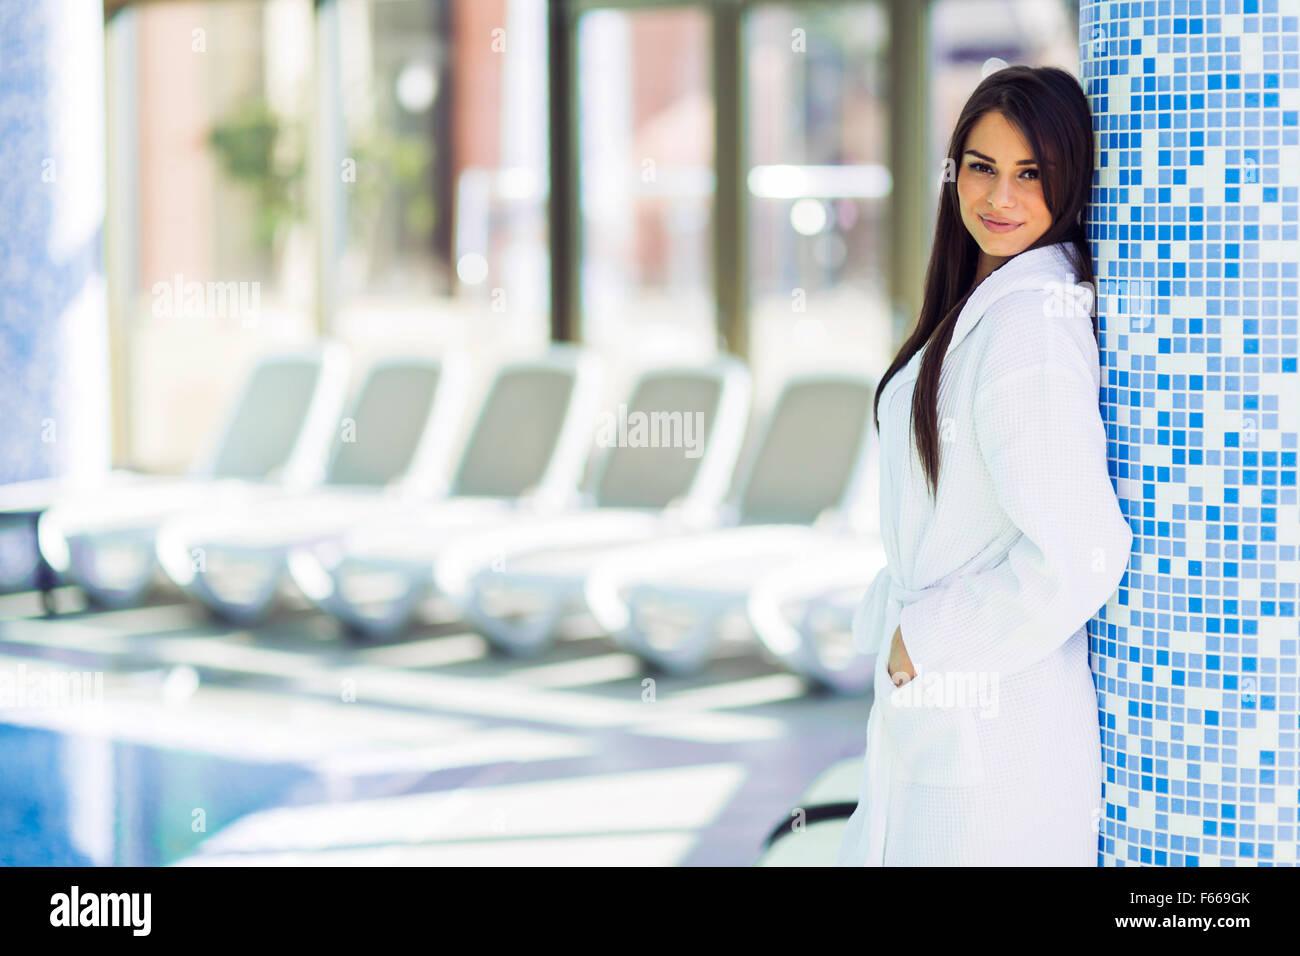 Porträt einer schönen jungen Frau im Bademantel neben einem Schwimmbad Stockbild